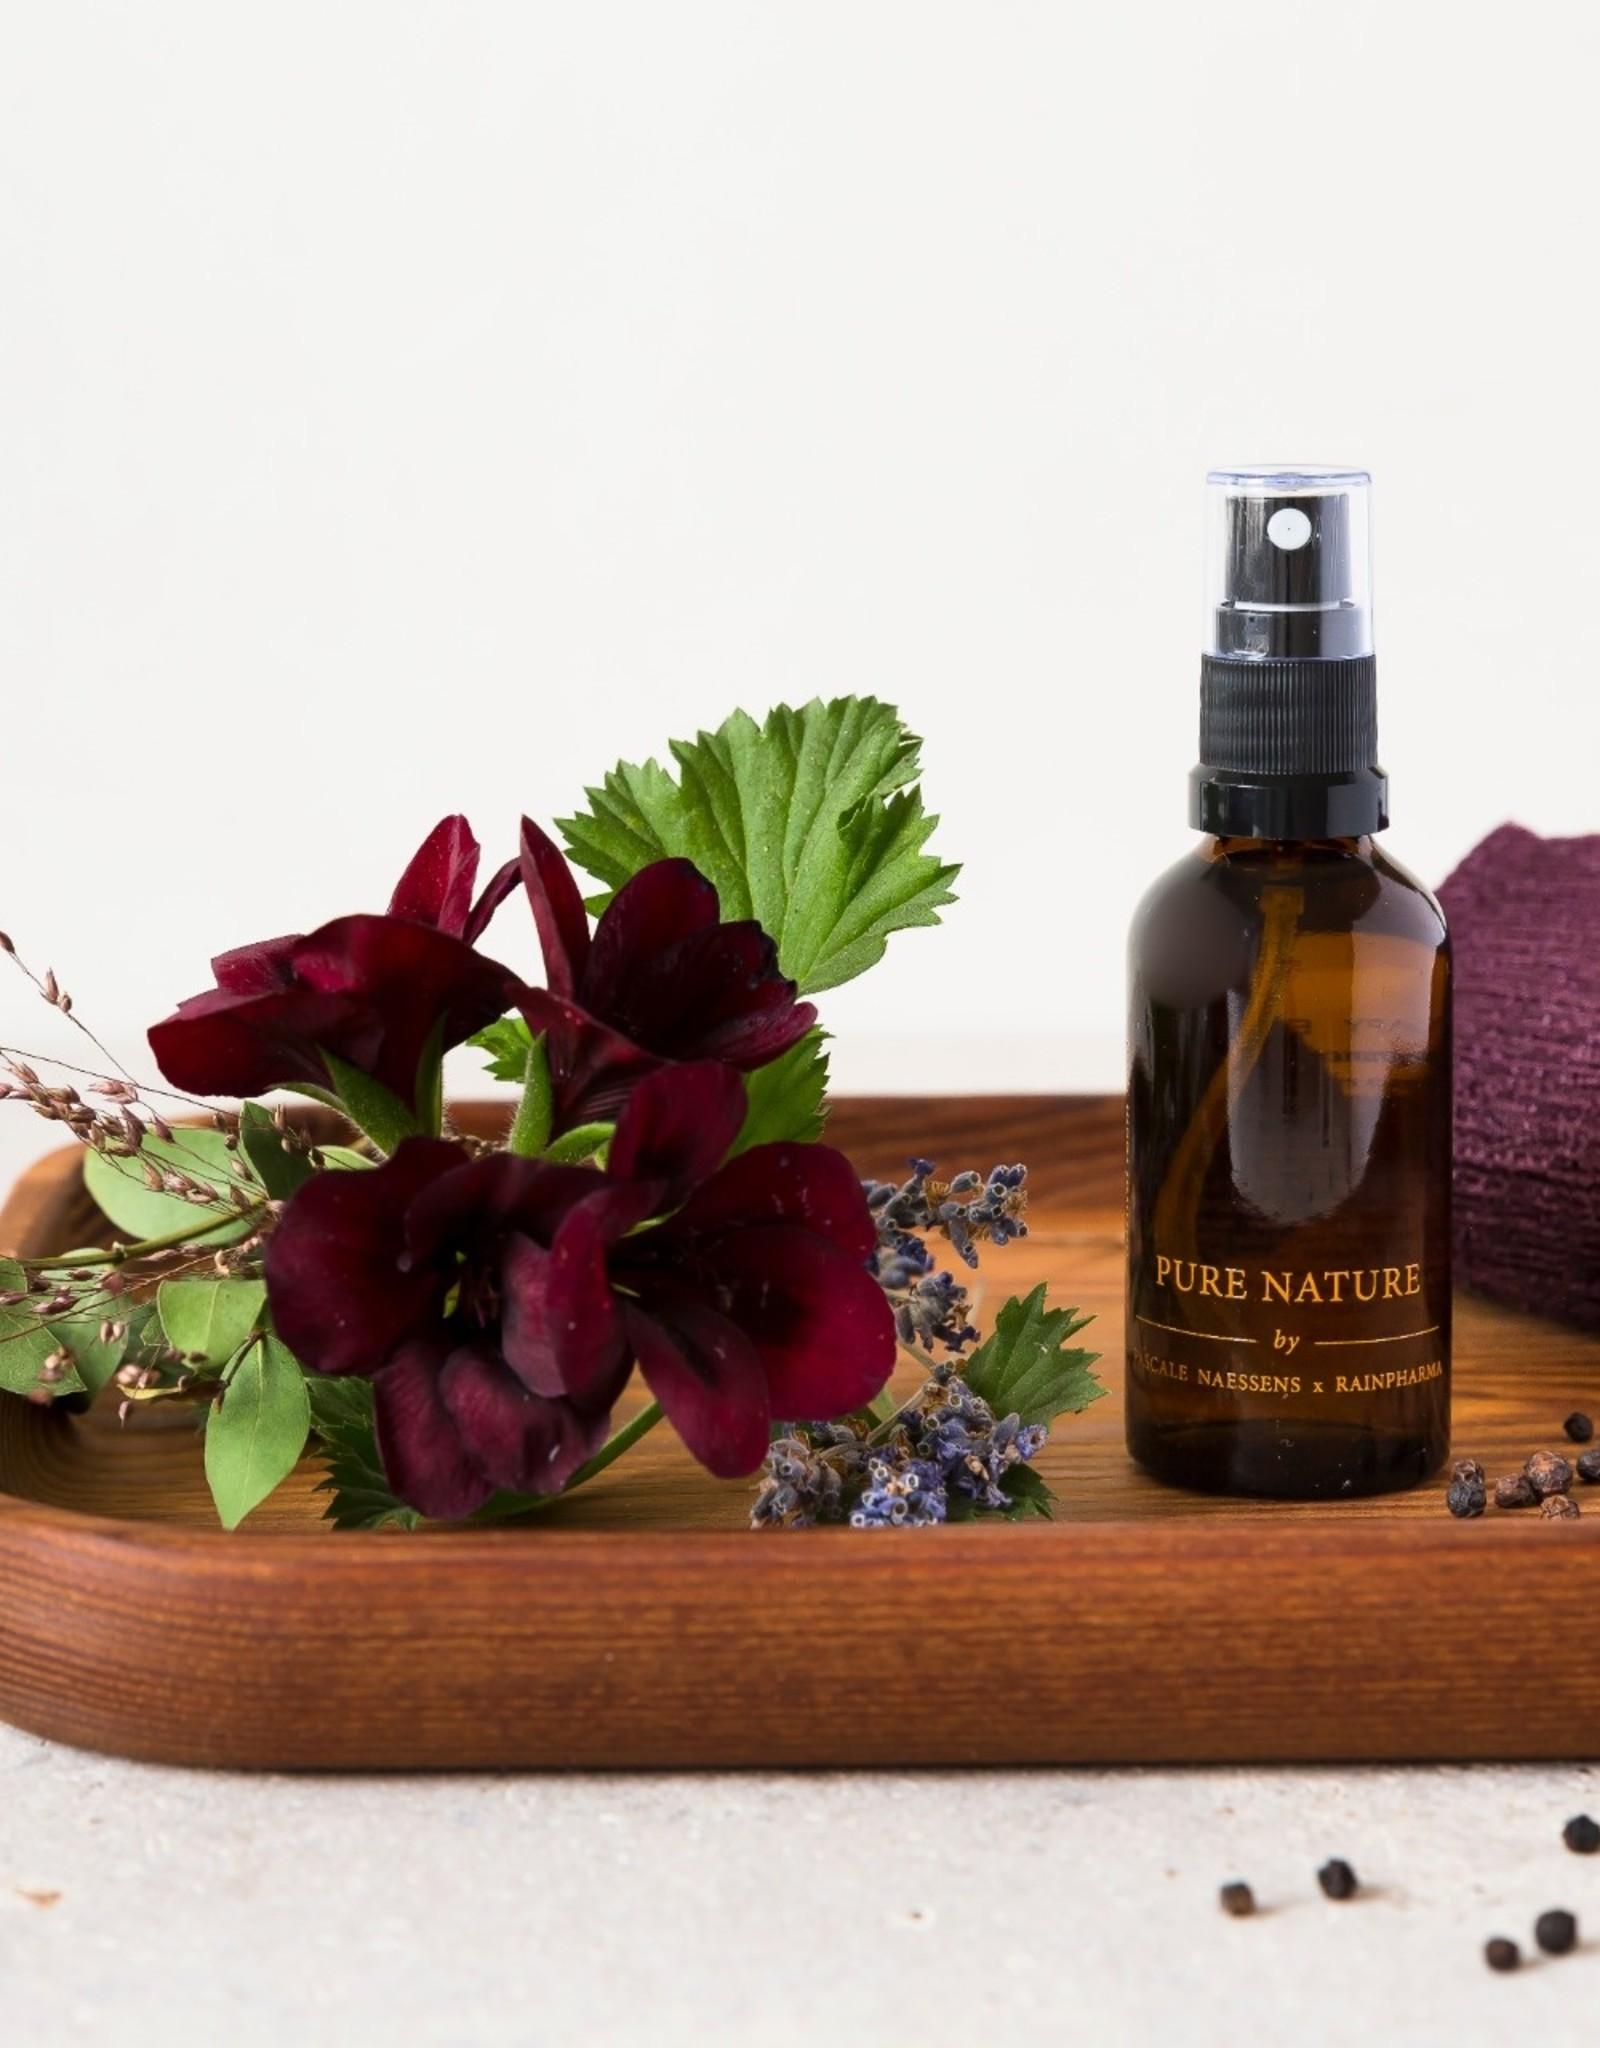 RainPharma Pure Nature Box - Pascale Naessens & Rainpharma